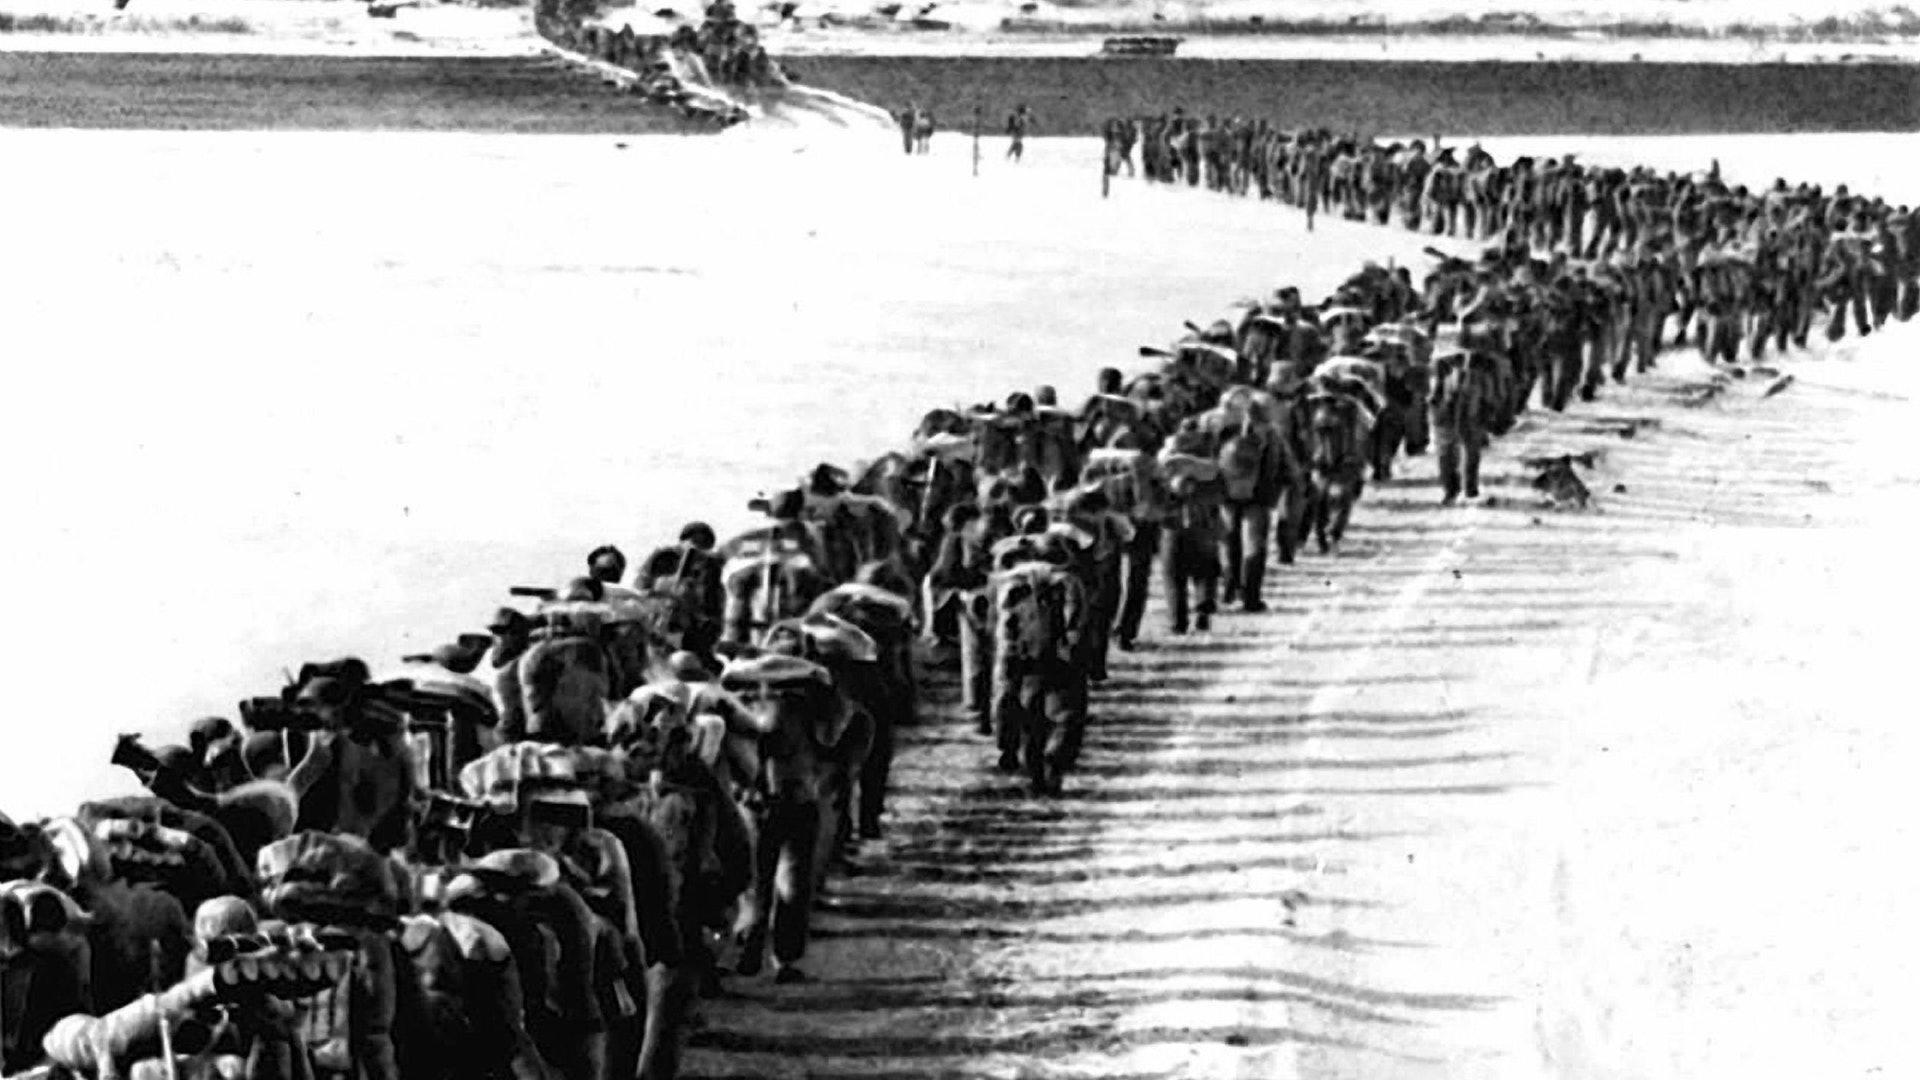 英雄回家了!这让我们不由的忆起了70年前的那场立国之战